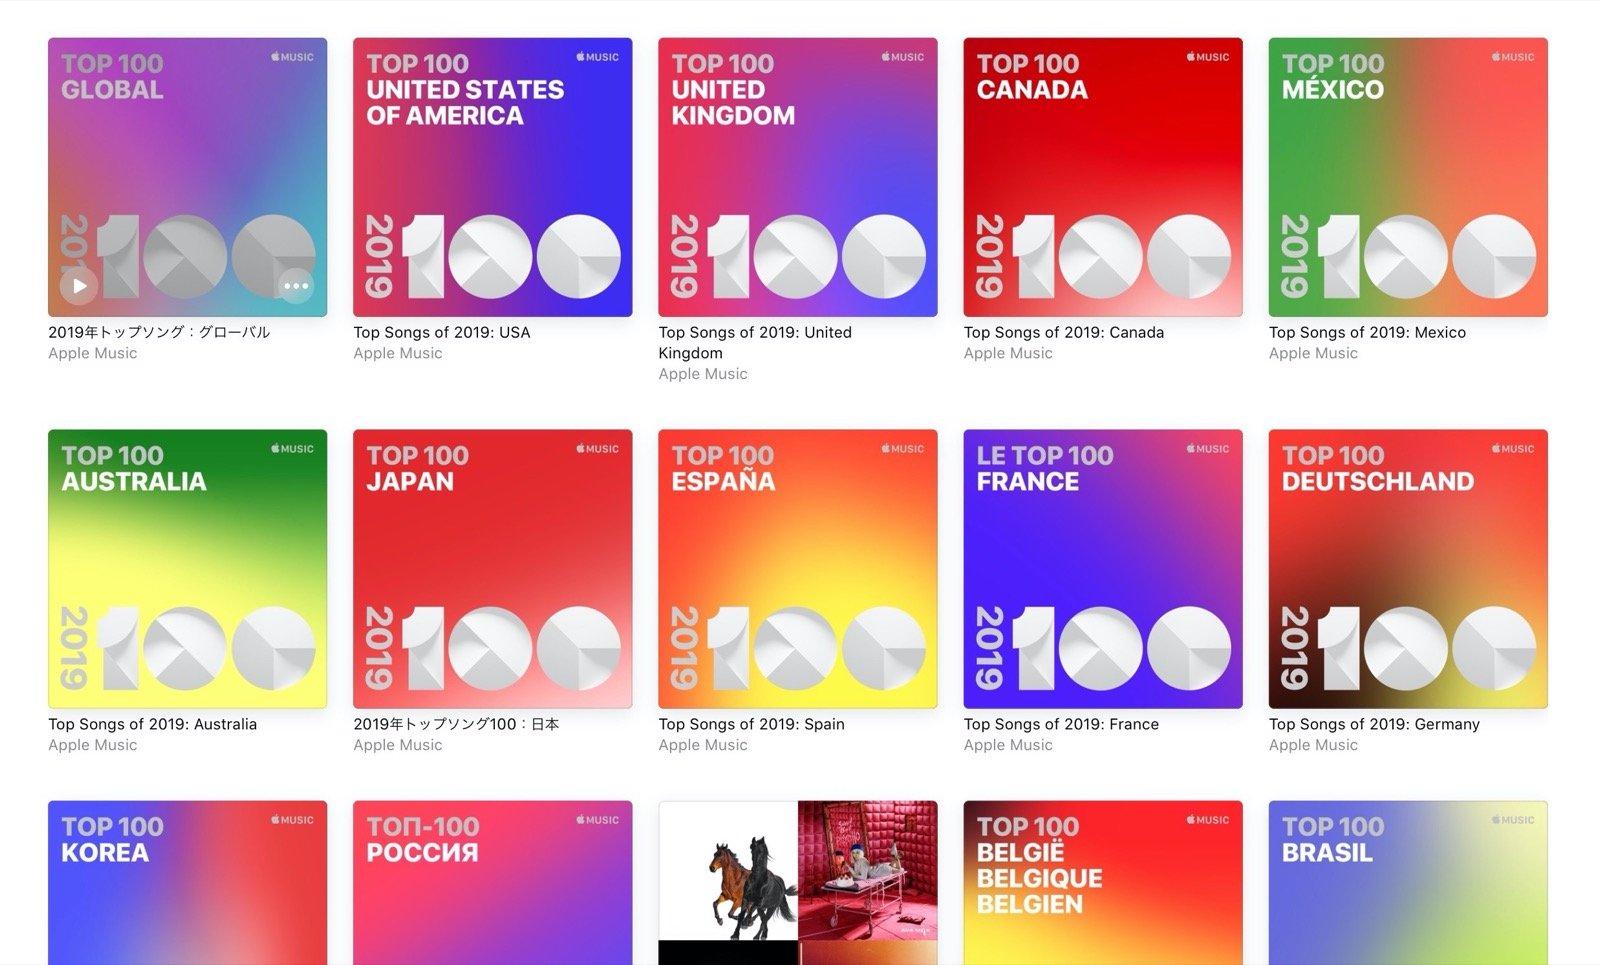 Apple Music、2019年トップソング100発表。1位はあいみょんの「マリーゴールド」